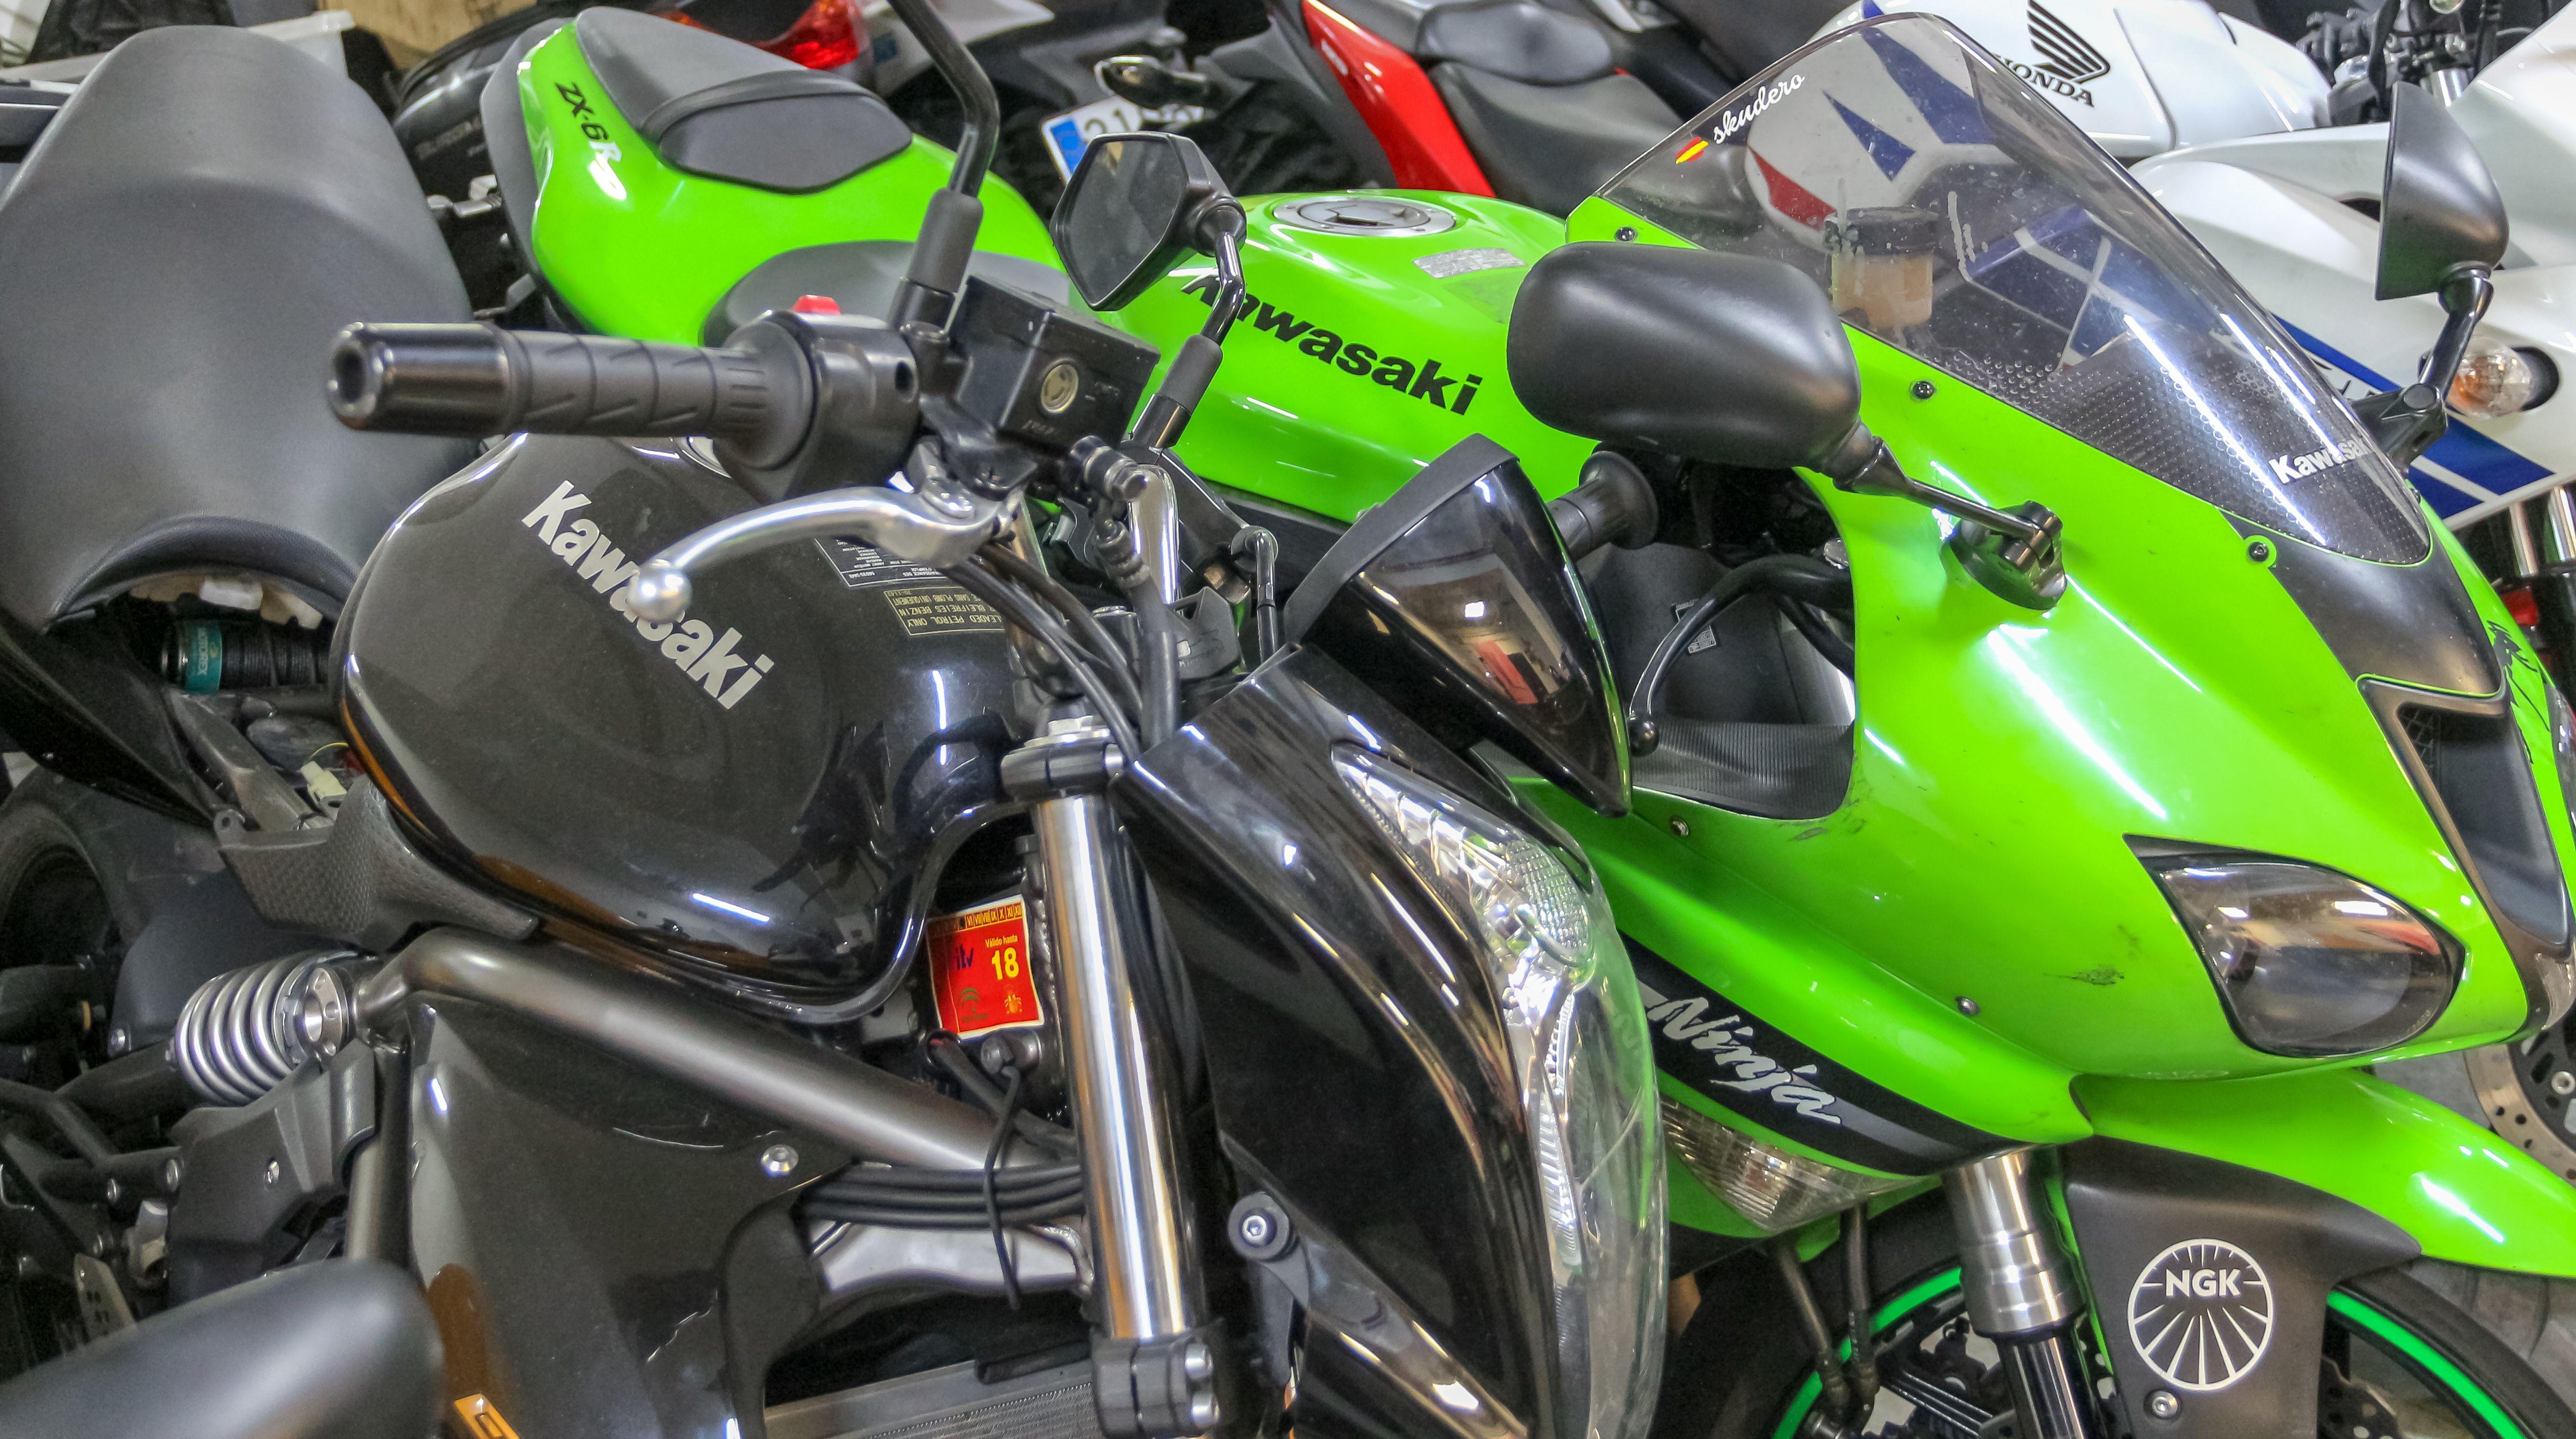 Mantenimiento de motos en Plaza Castilla, Madrid